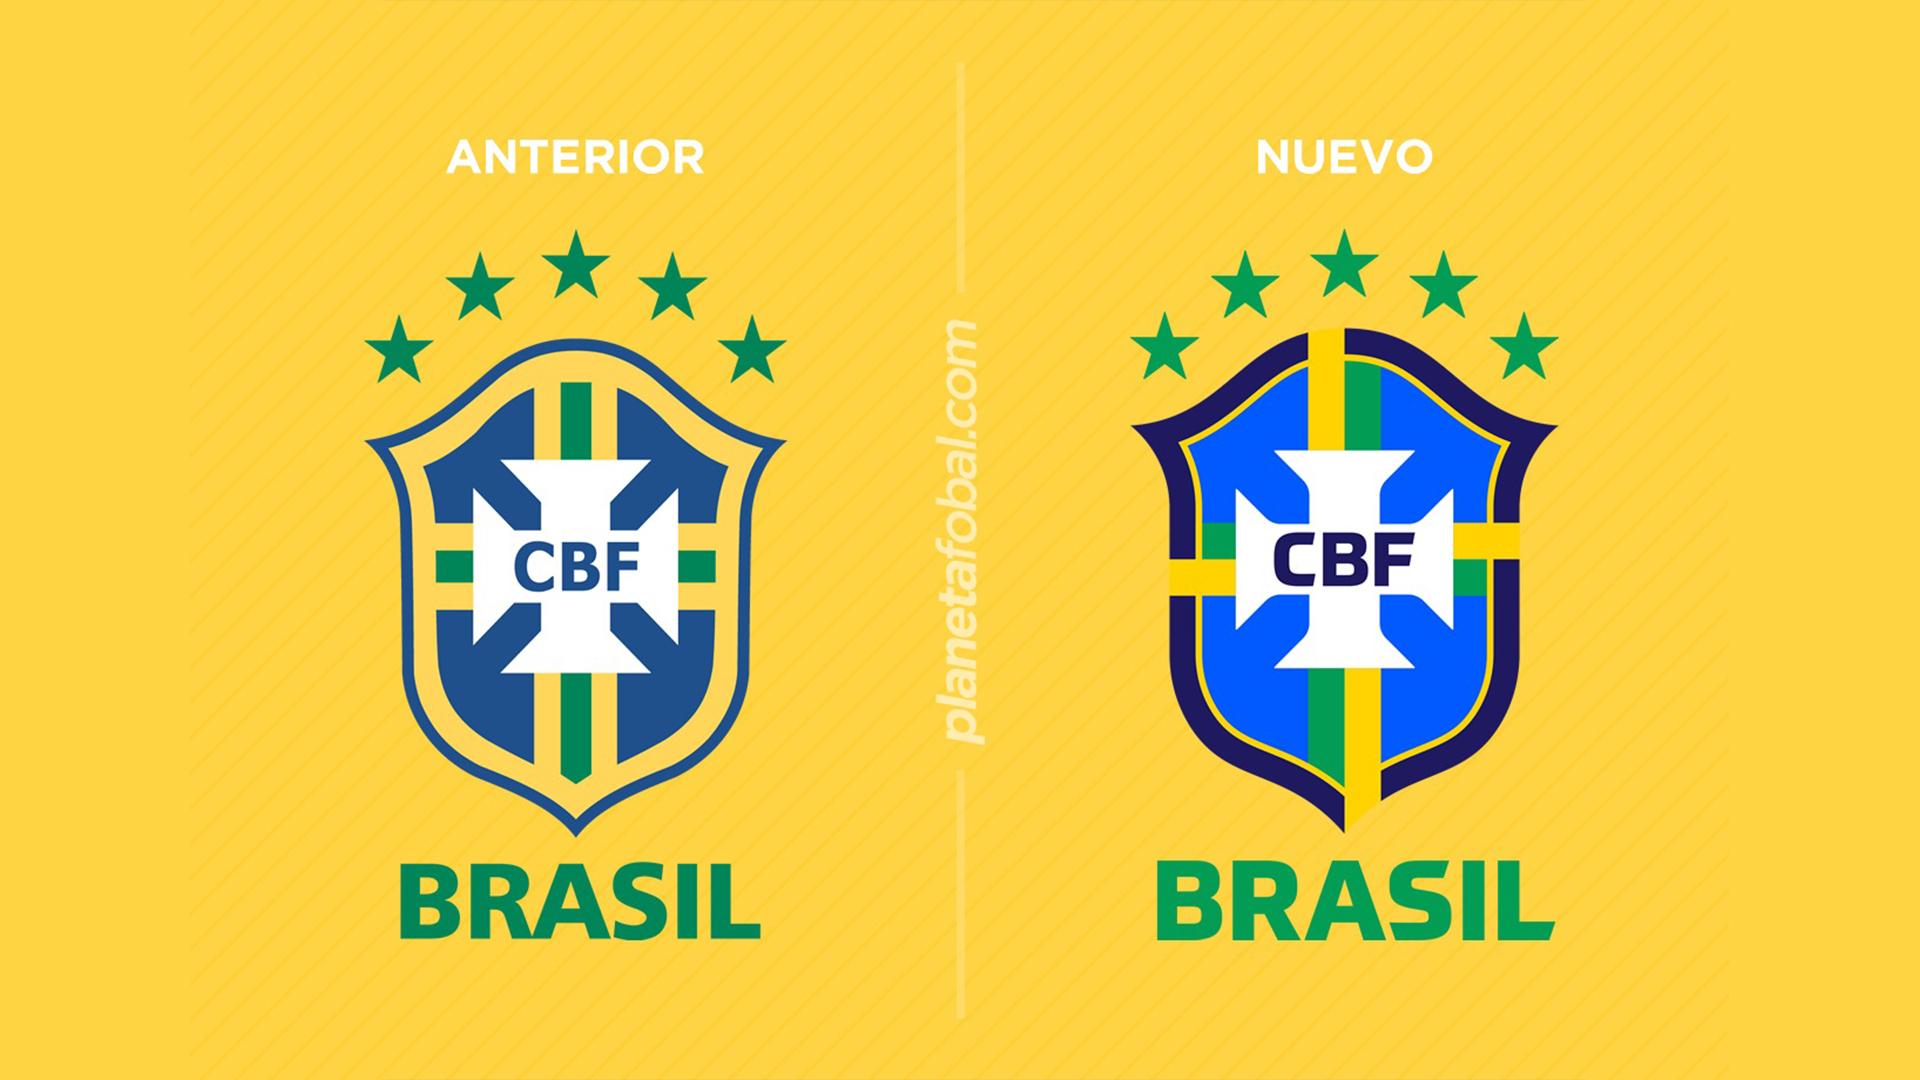 escudo-brasil-2-apolo-blog